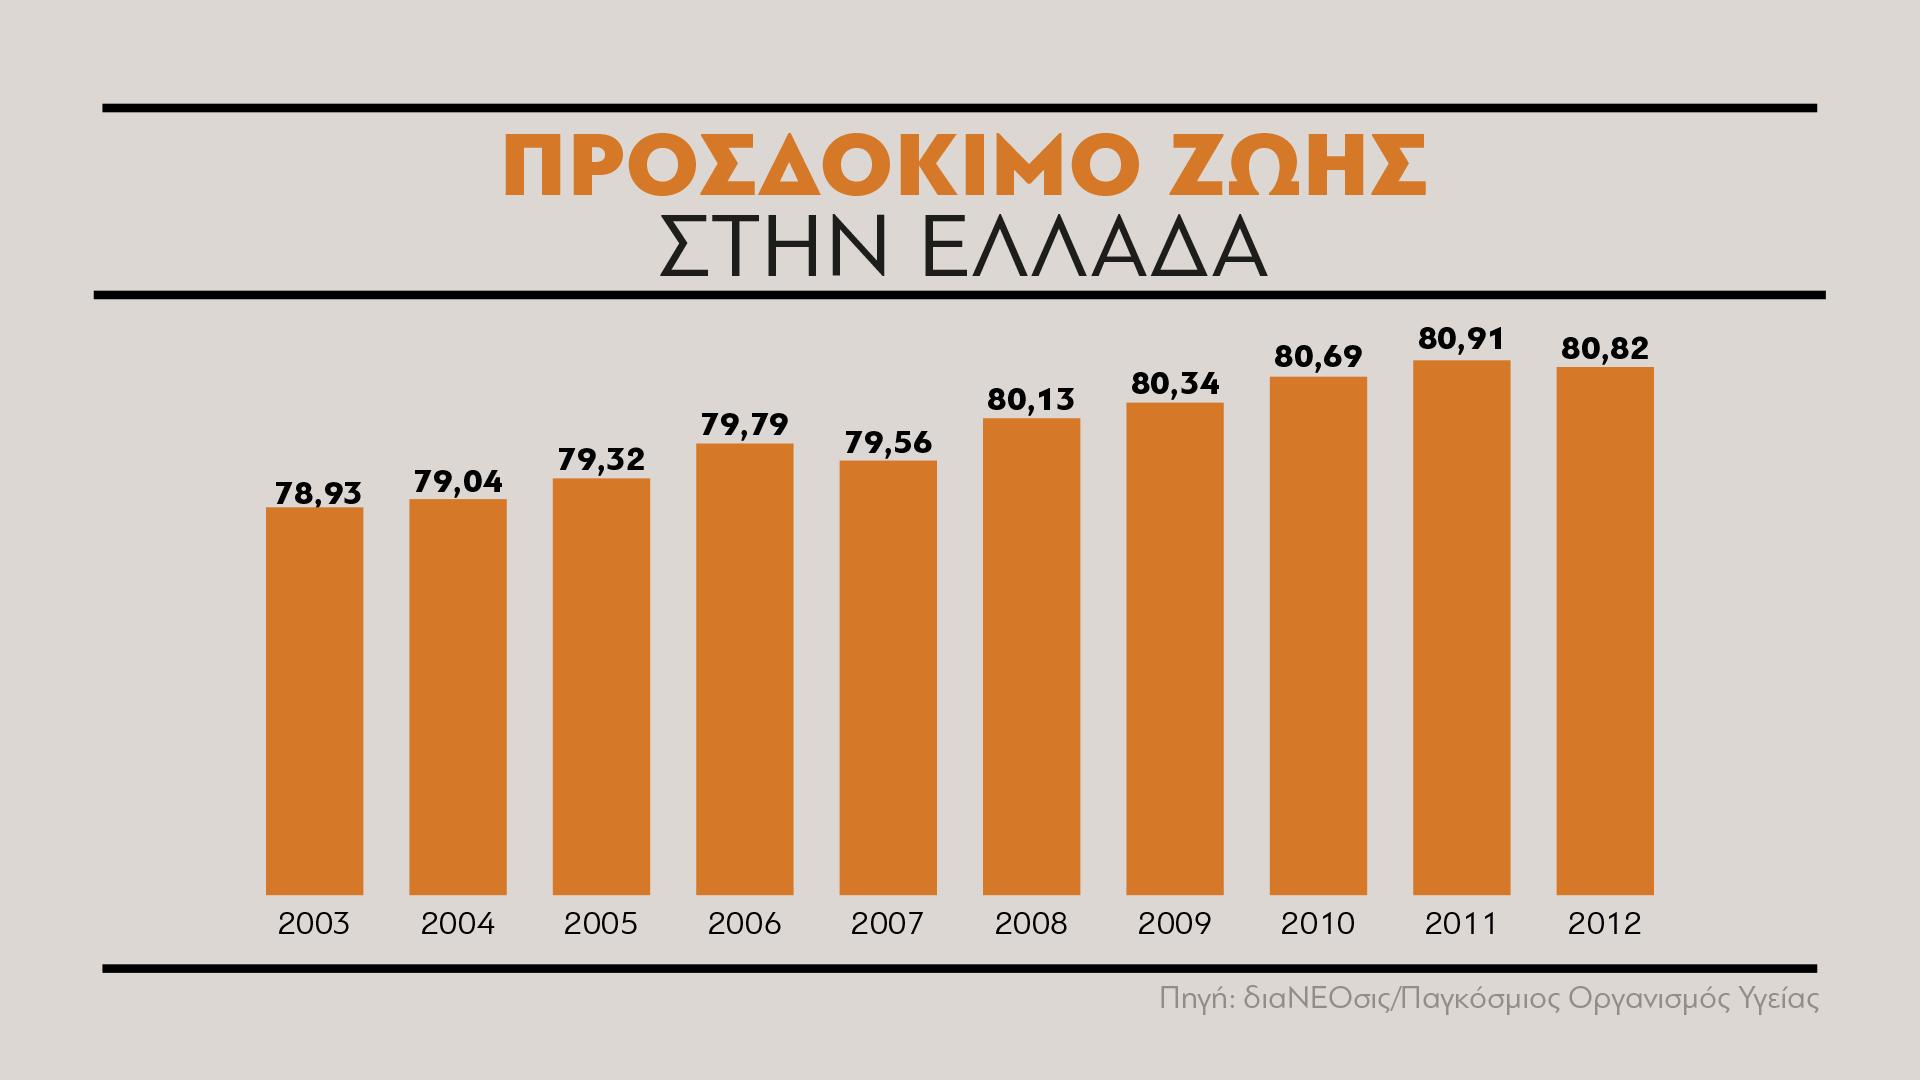 Τα δεδομένα για το προσδόκιμο ζωής στην Ελλάδα για το 2012, δεν διαφέρουν και πολύ από το προηγούμενο έτος, αφού ήταν 83 χρόνια για τις γυναίκες και 77,9 χρόνια για τους άντρες, παρουσιάζοντας πολύ μικρή μείωση από το 2011.